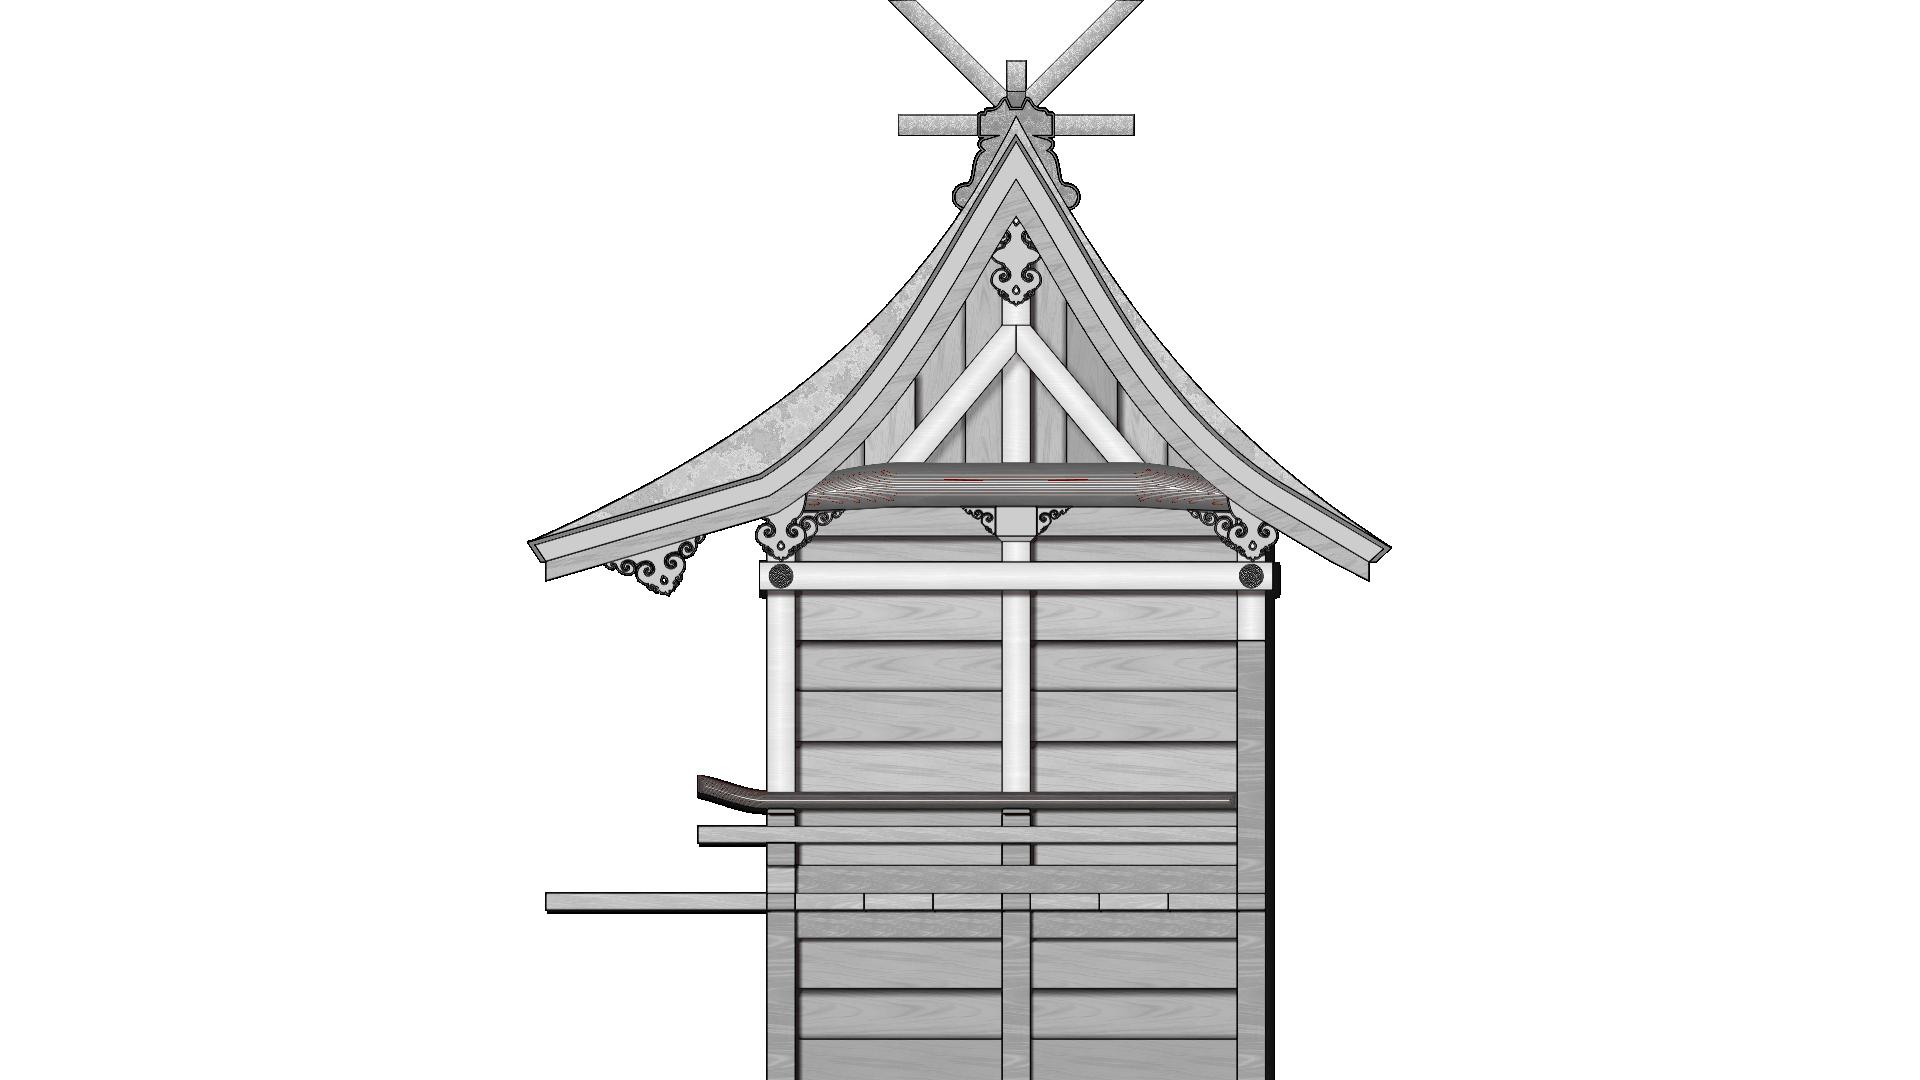 氷川女体神社 本殿 イラスト ワイヤーフレーム画像